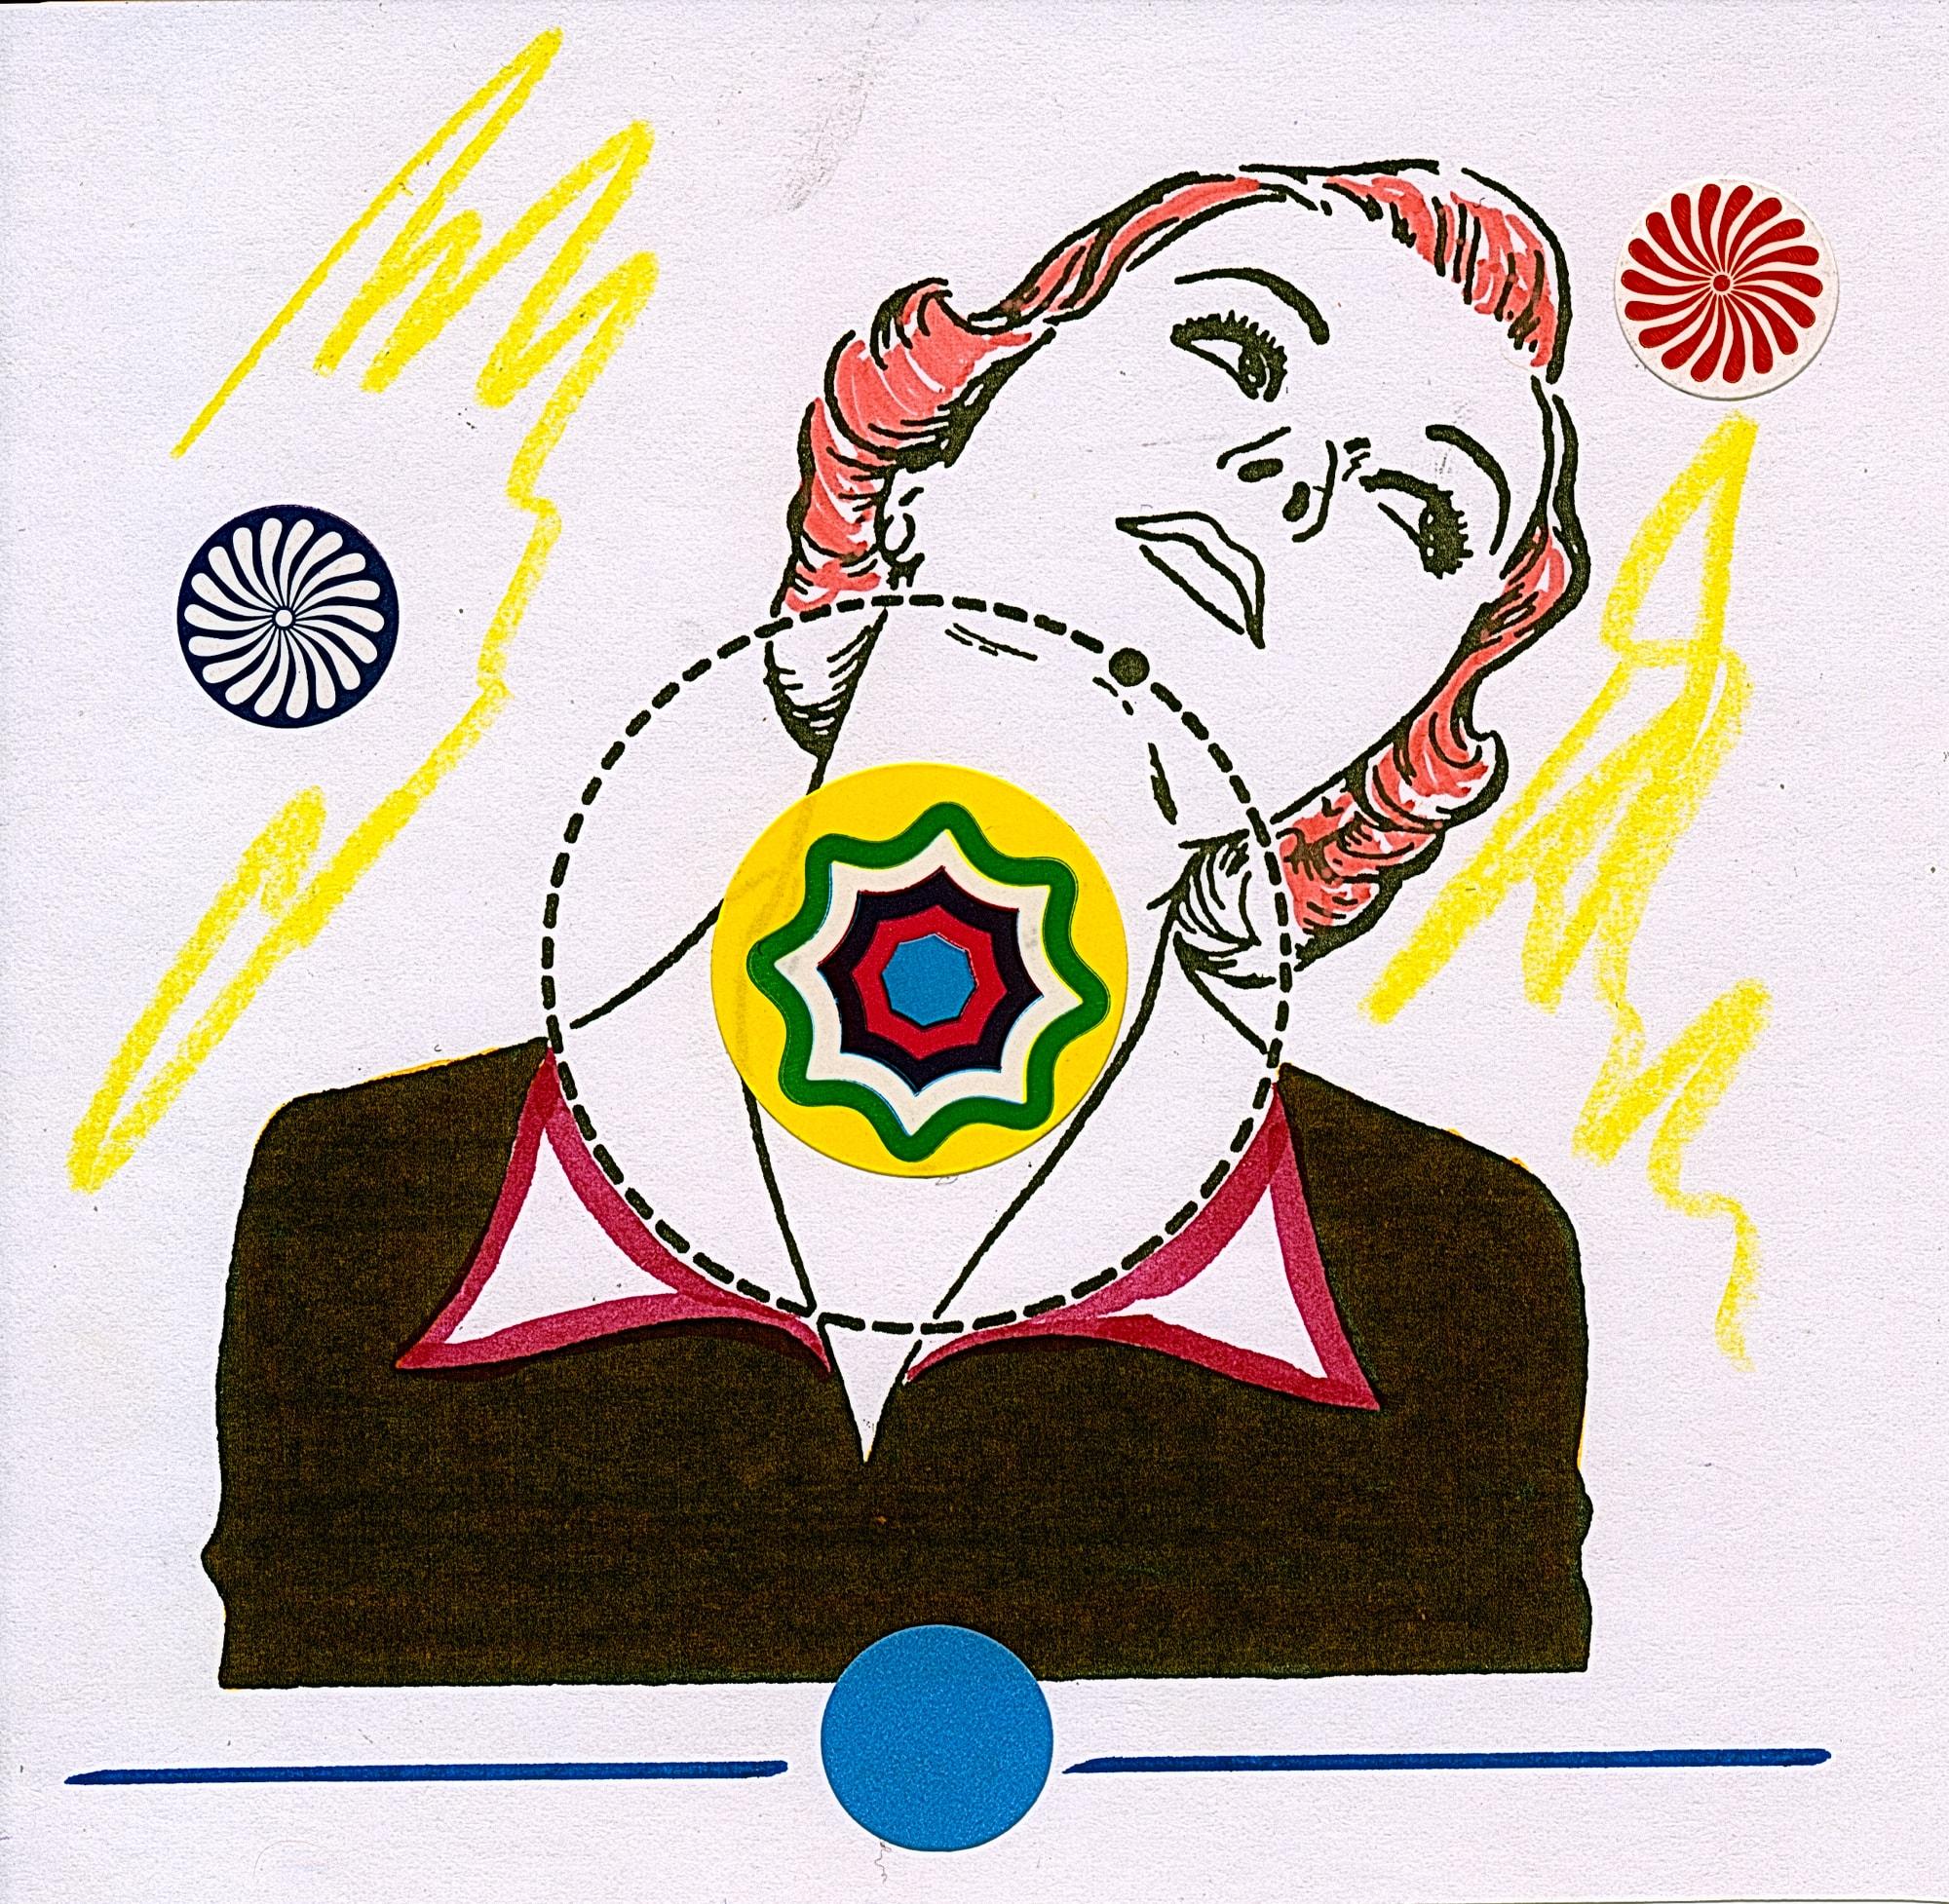 Übermalung und Mischtechnik auf Papier, cmxcmcm, Originalgrafik zum gleichnamigen Booklet, Künstlerin: Franziska King